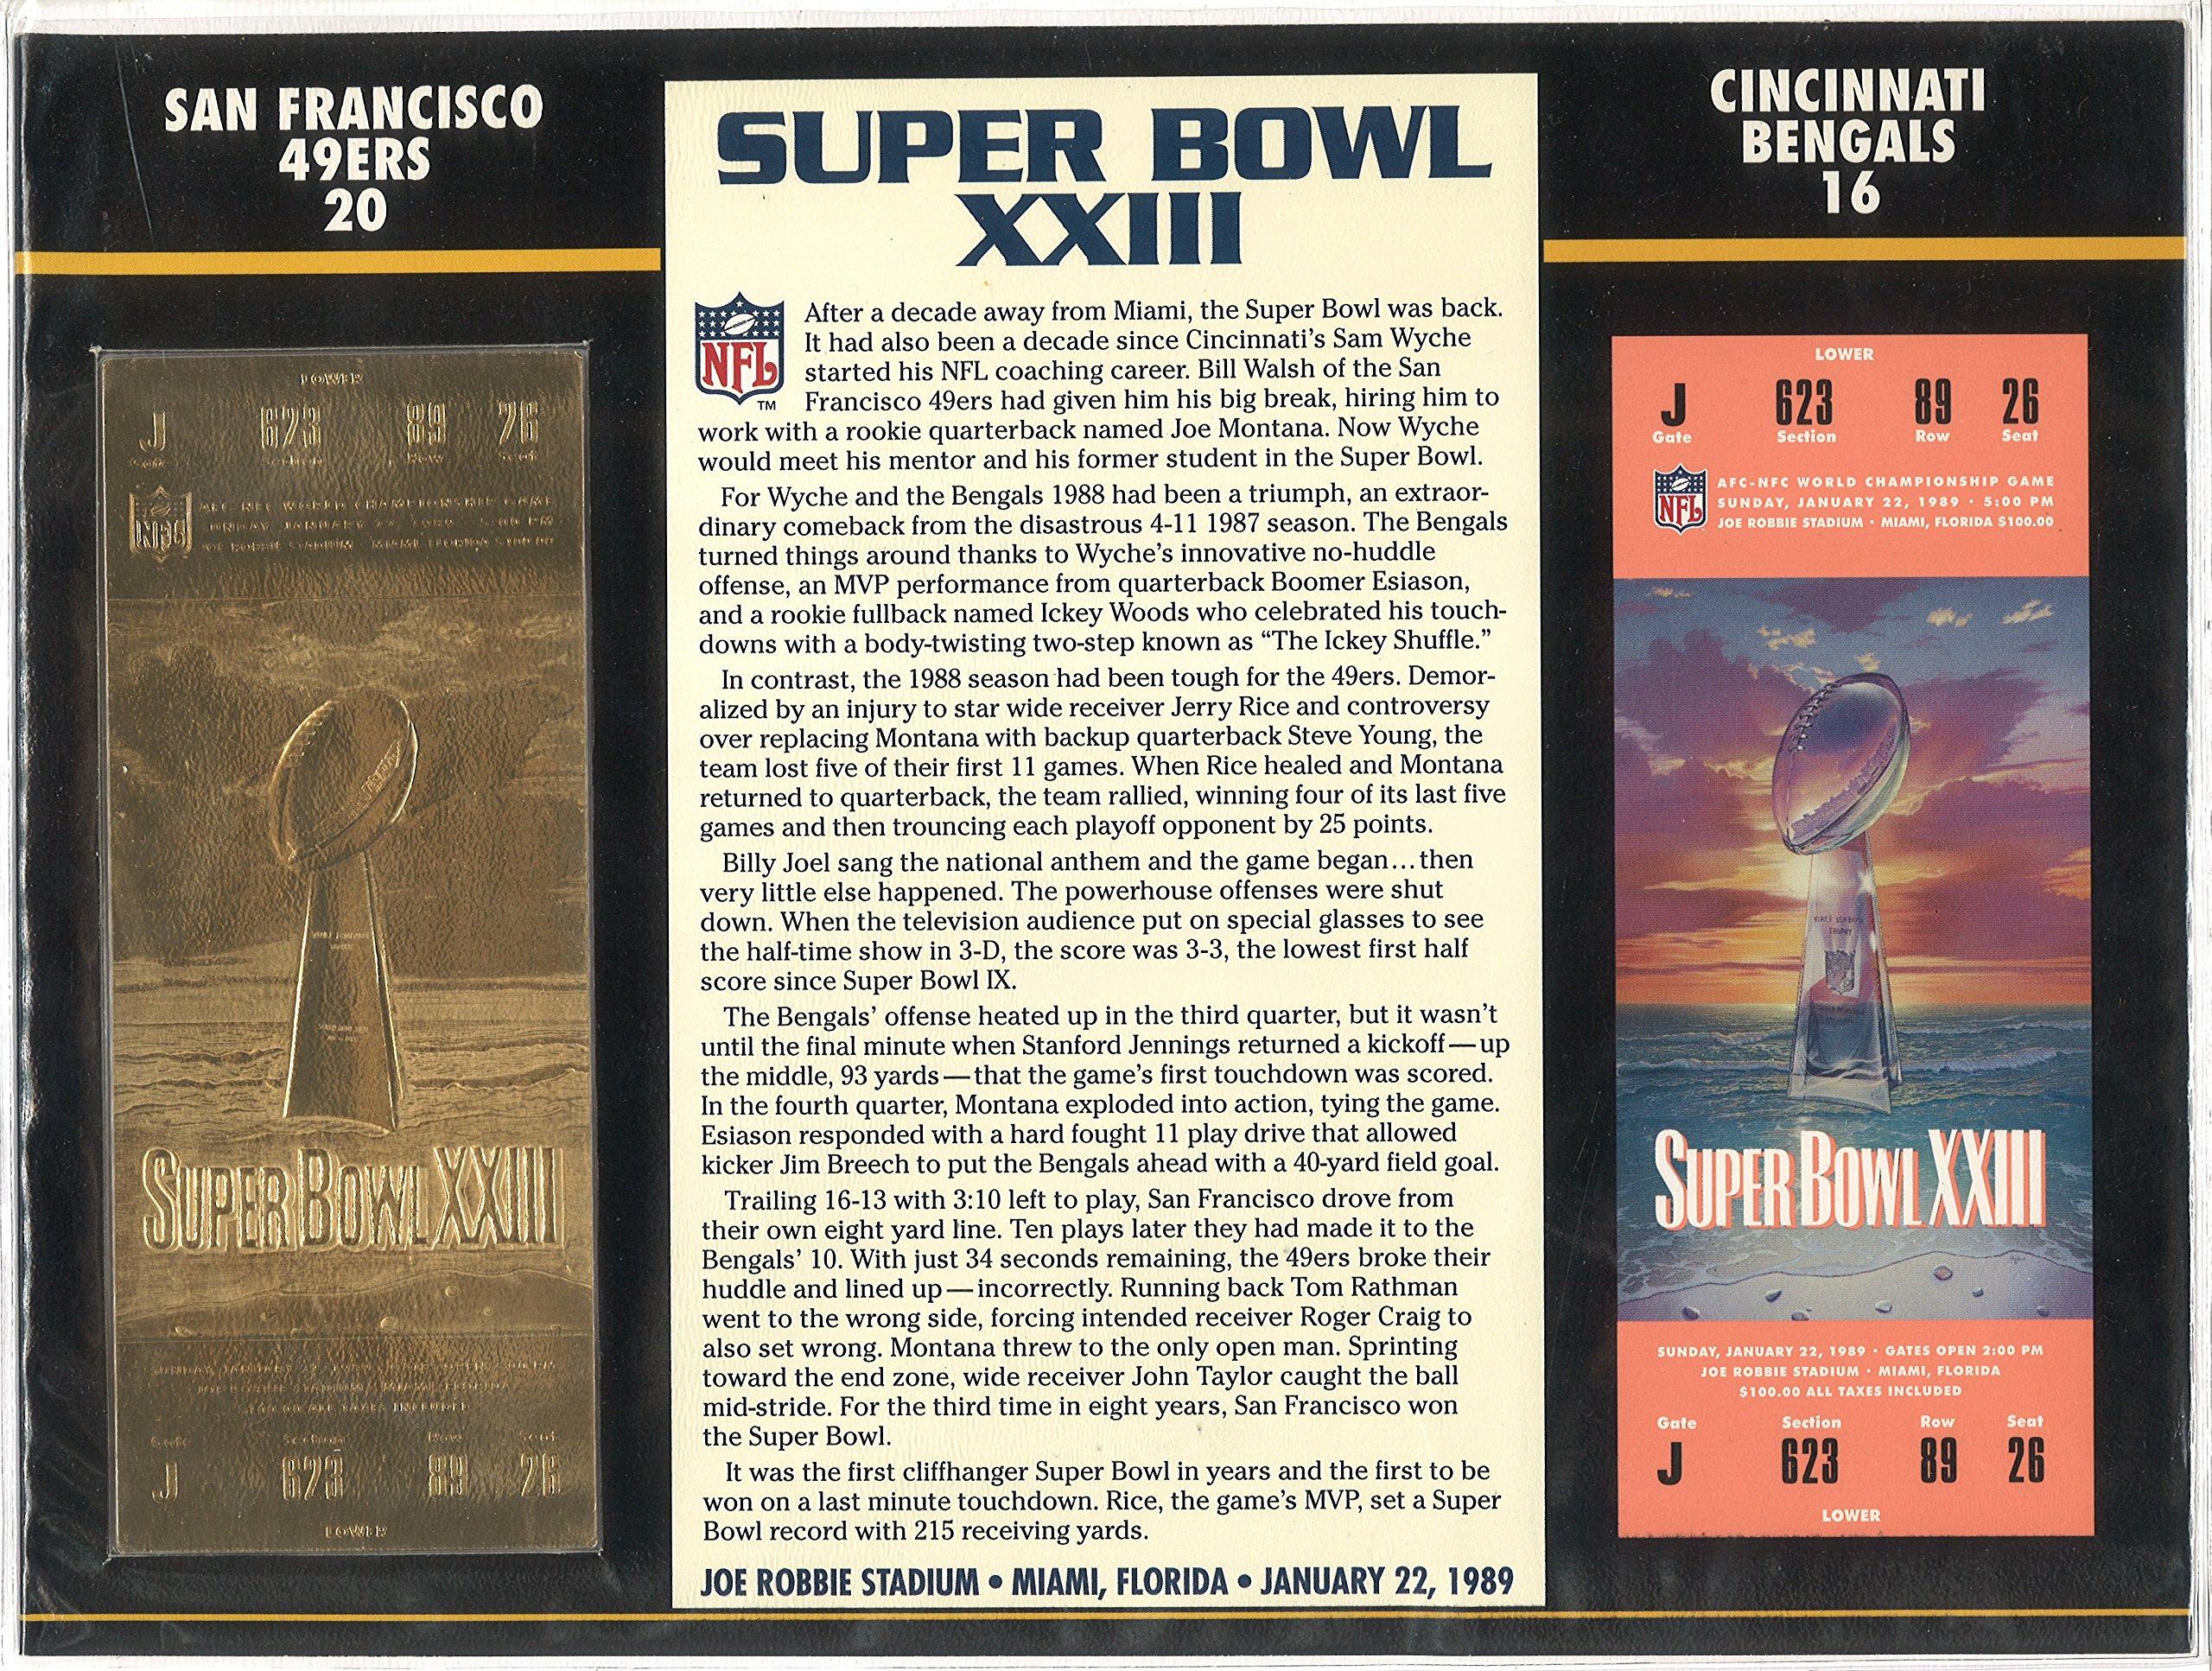 Super Bowl XXIII Golden Ticket San Francisco 49ers vs Cincinnati Bengals January 22, 1989